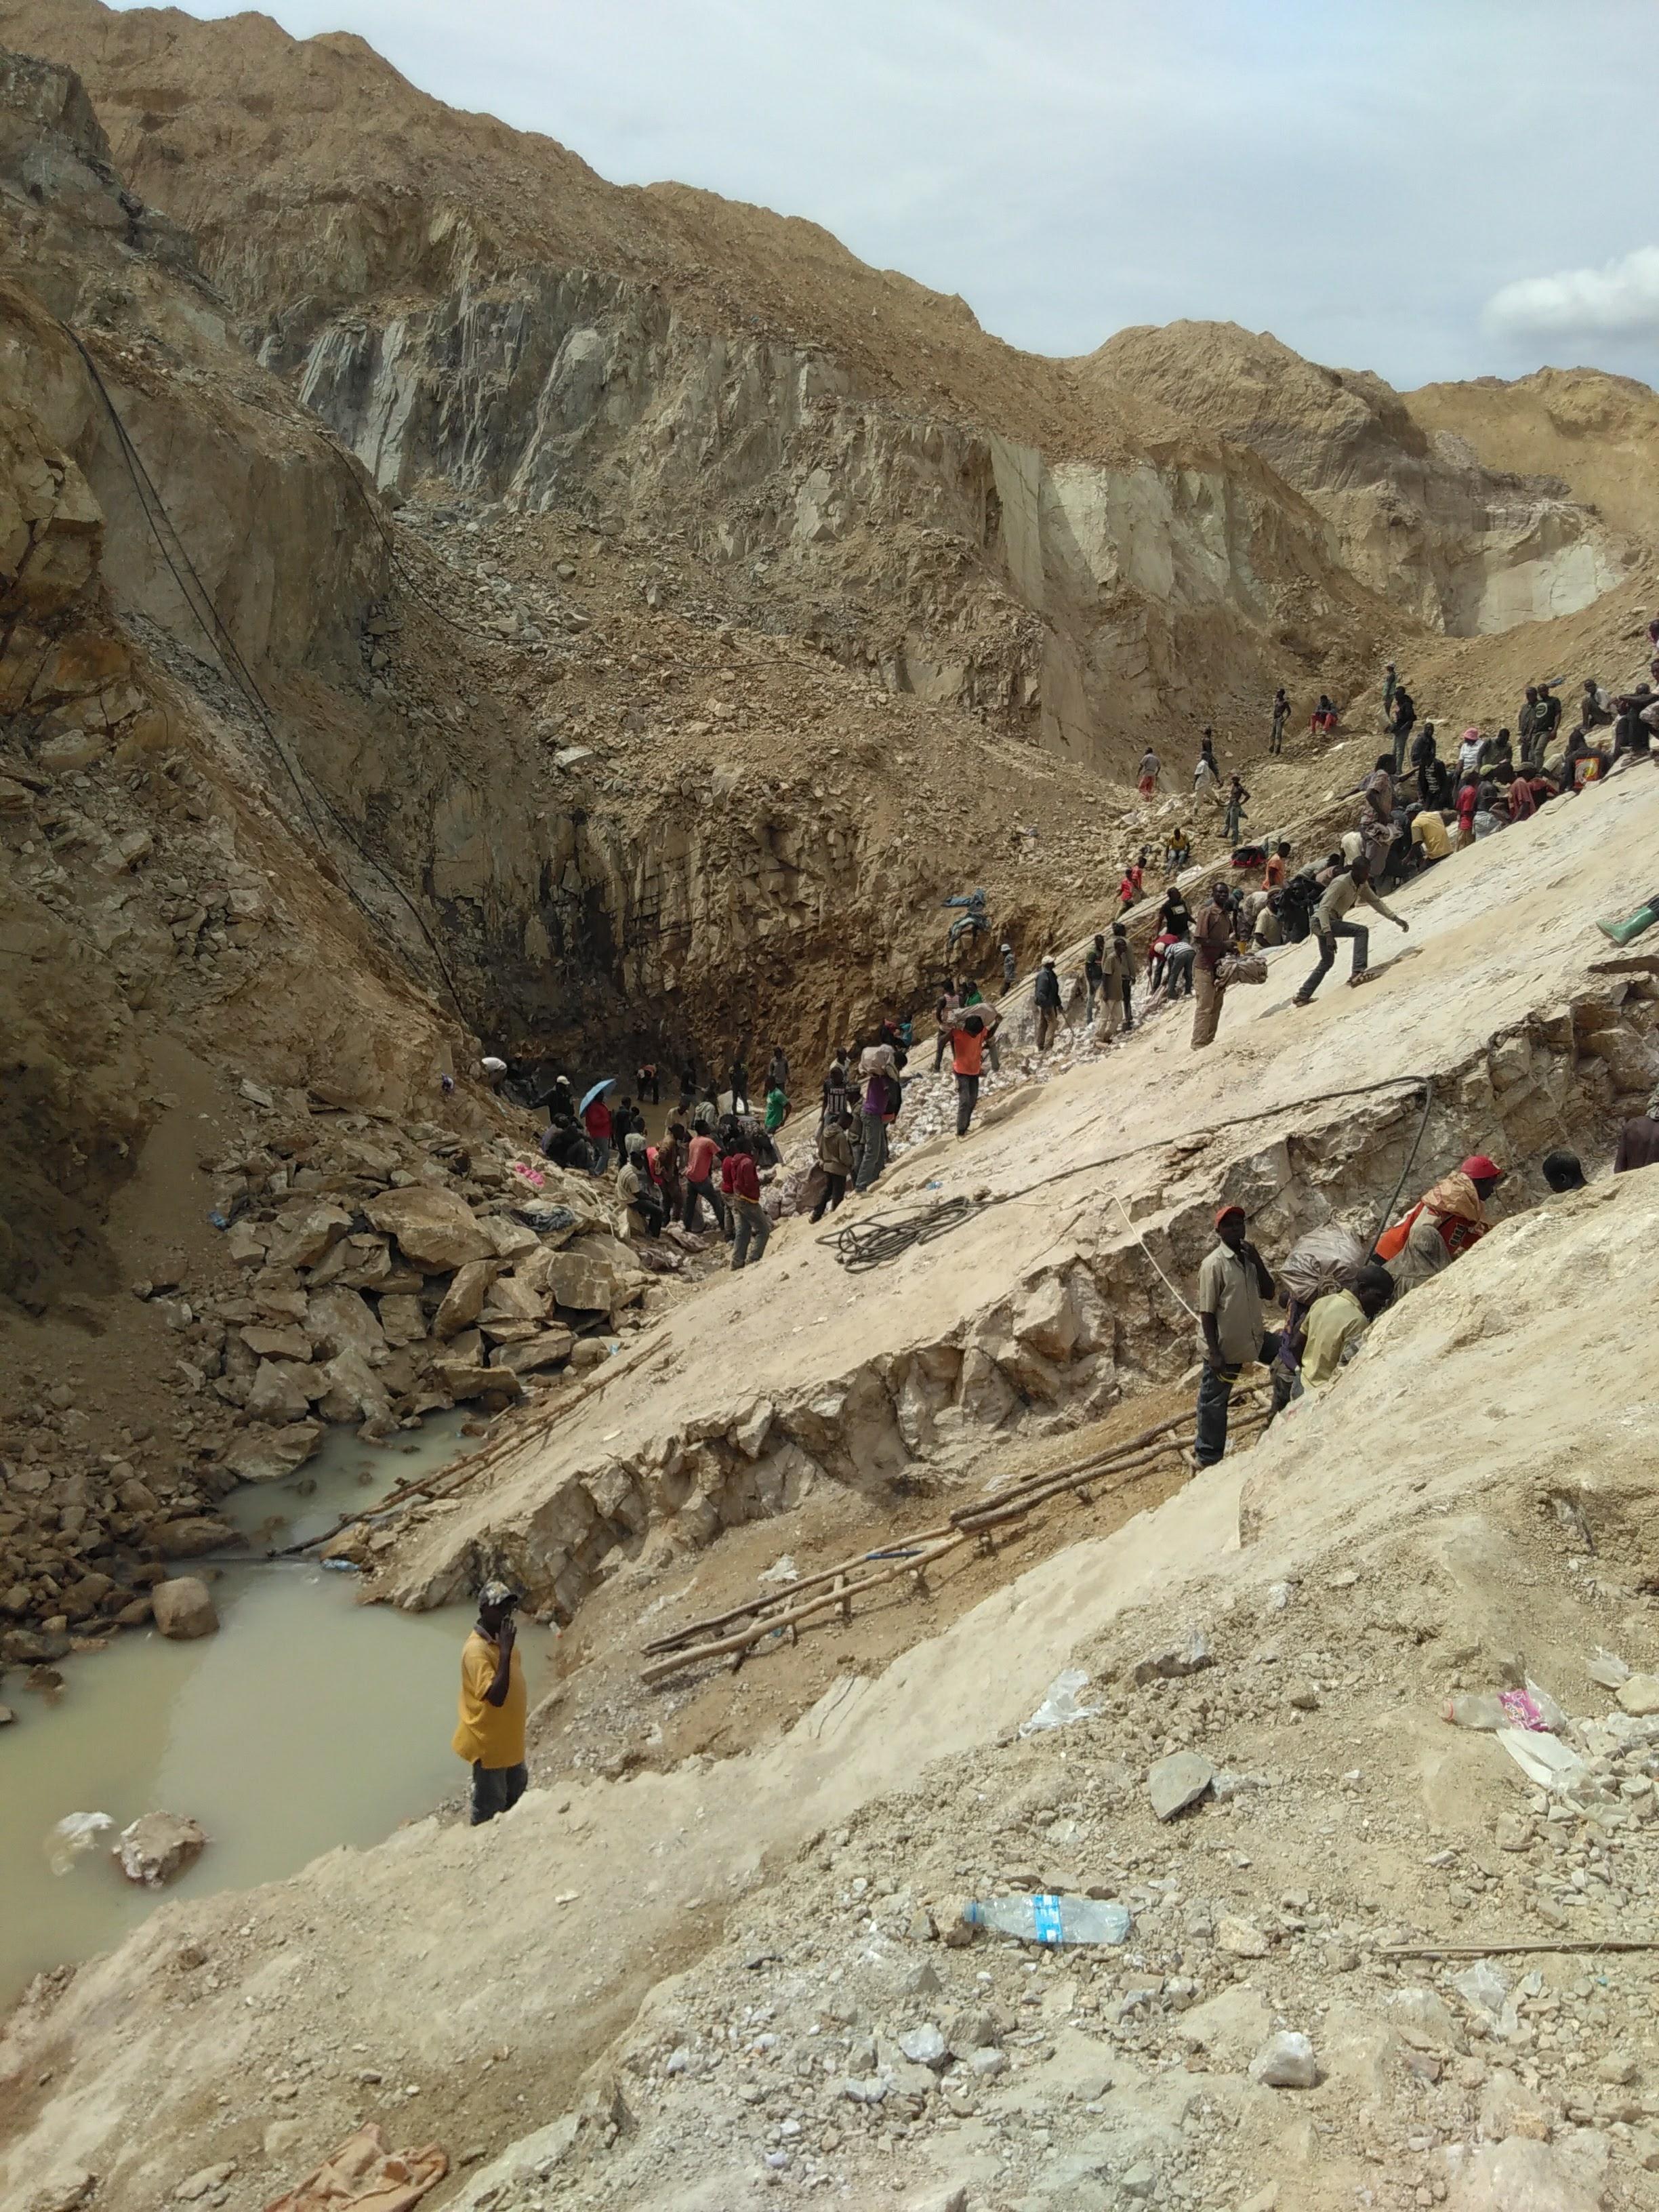 Gold mine in Tanzania